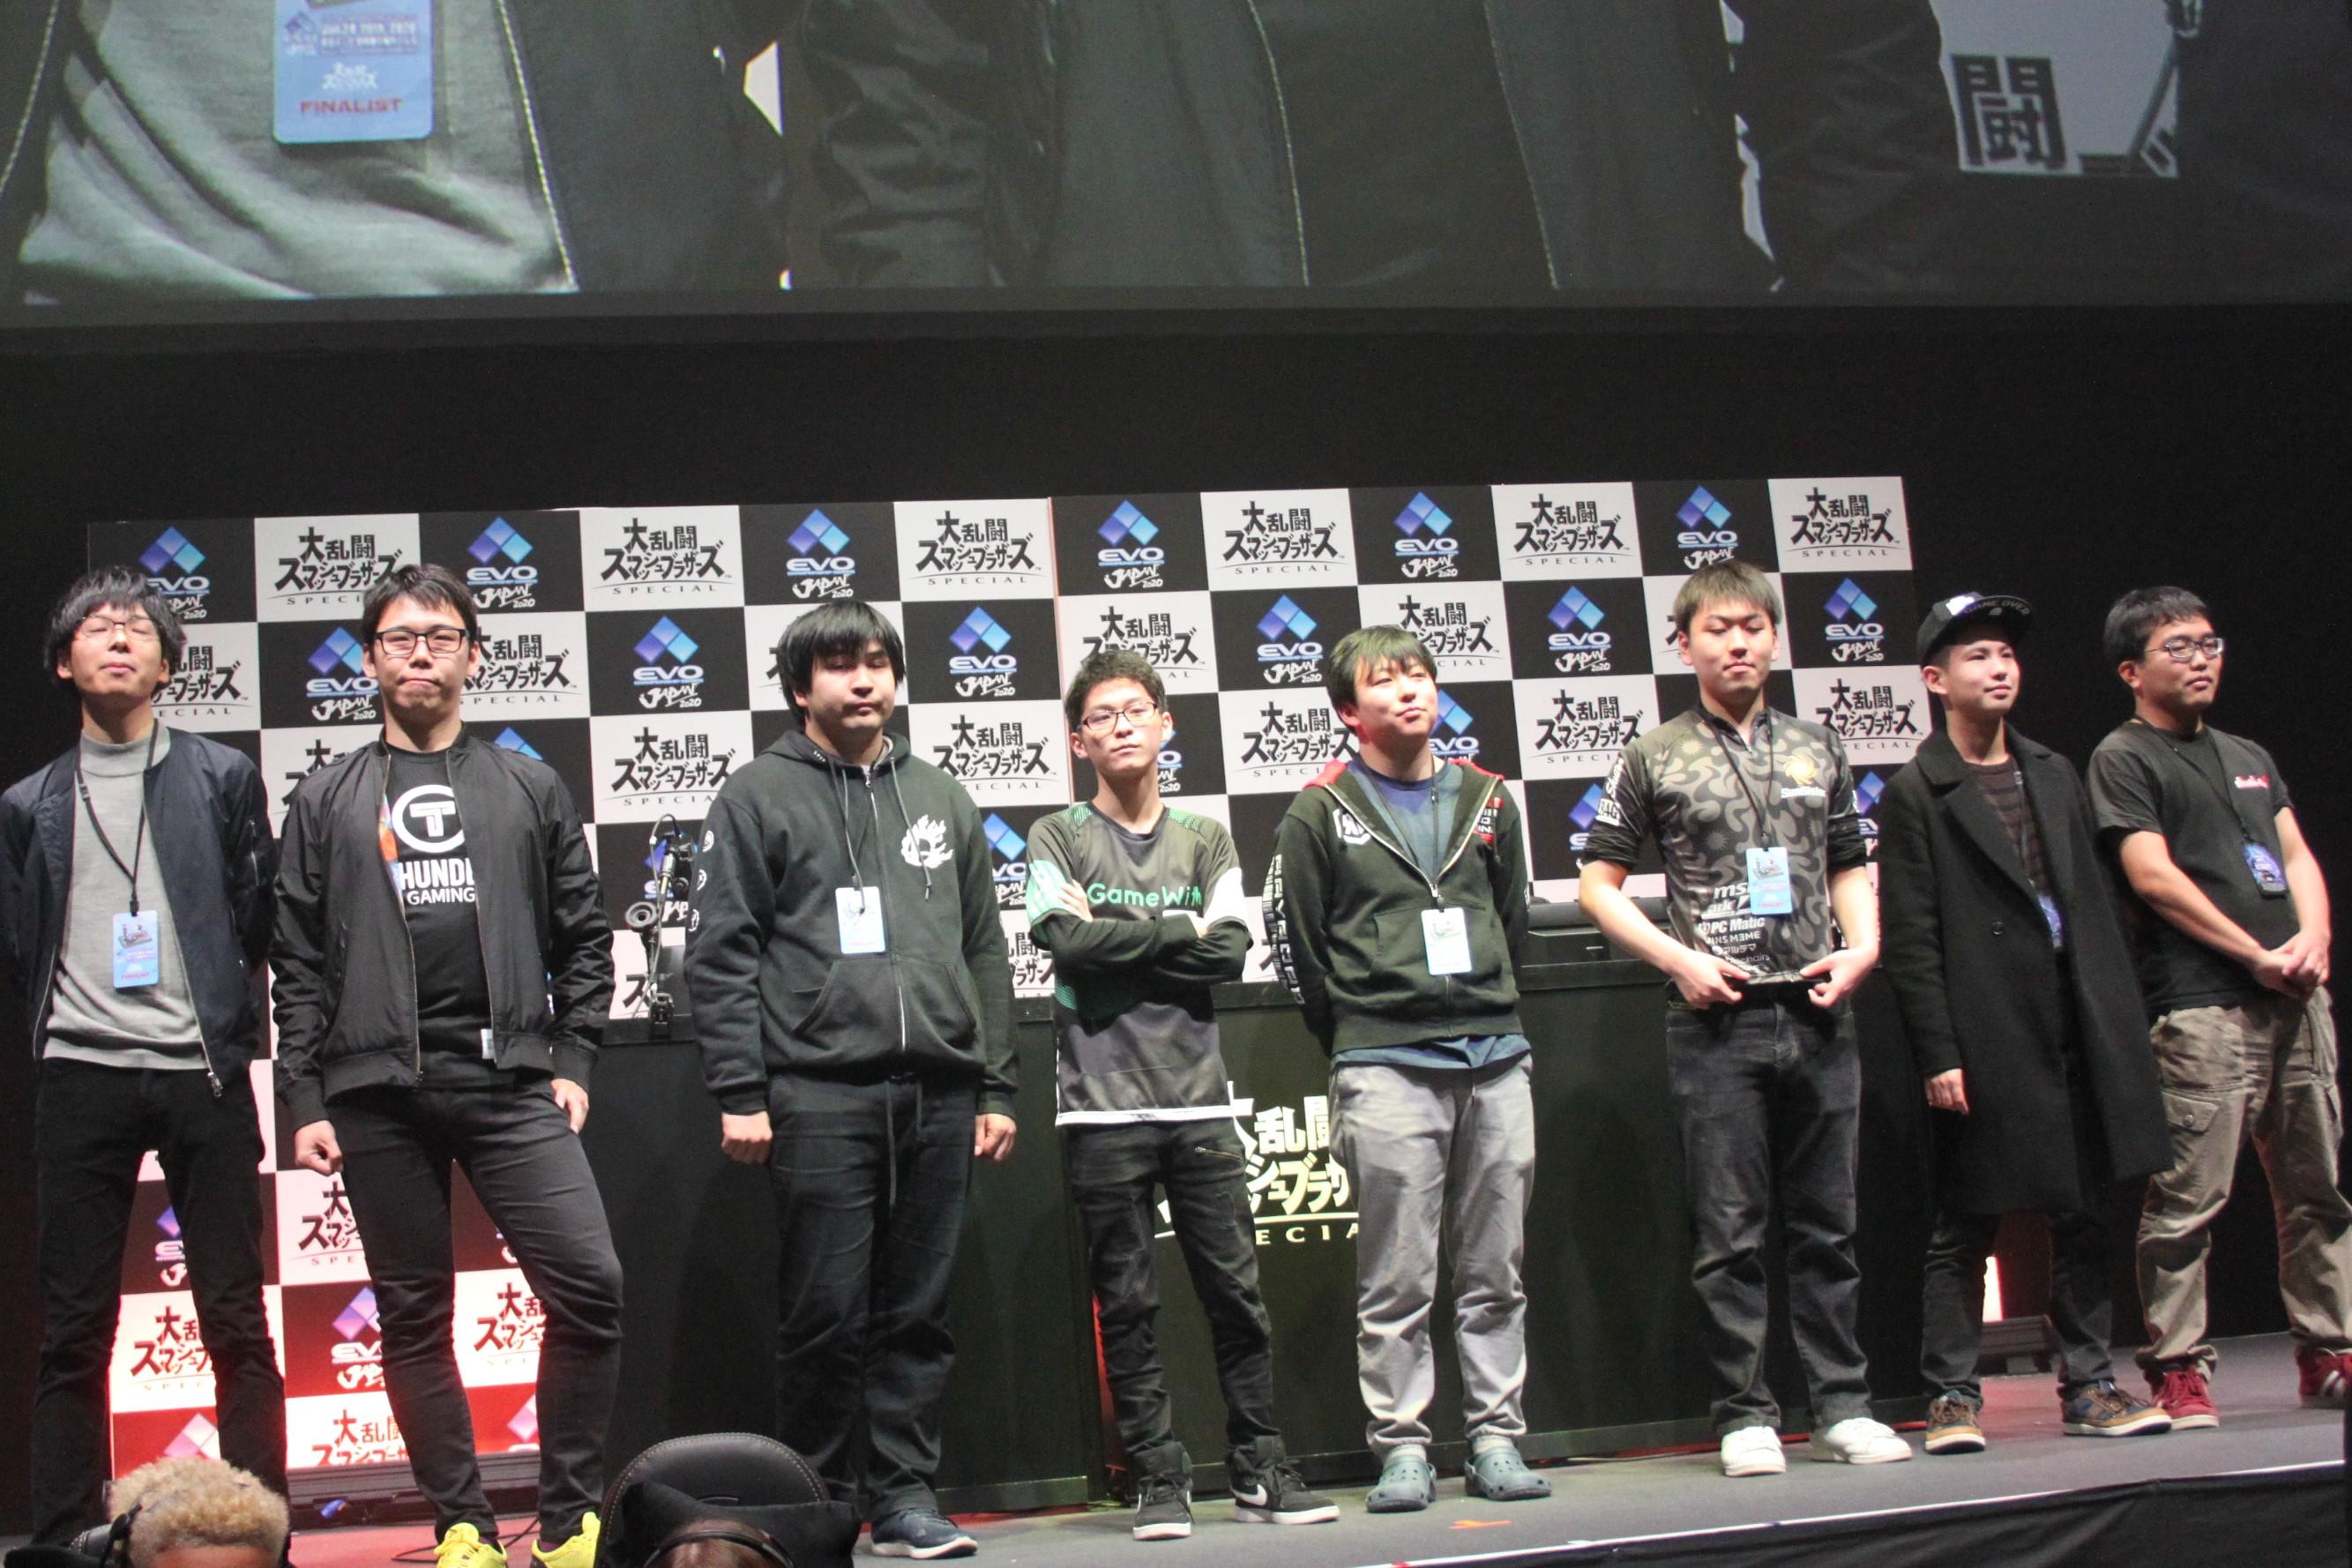 TOP8の面々。左からShky選手、Raito選手、Ken選手、Zackray選手、ぱせりまん選手、Shuton選手、Tea選手、コメ選手